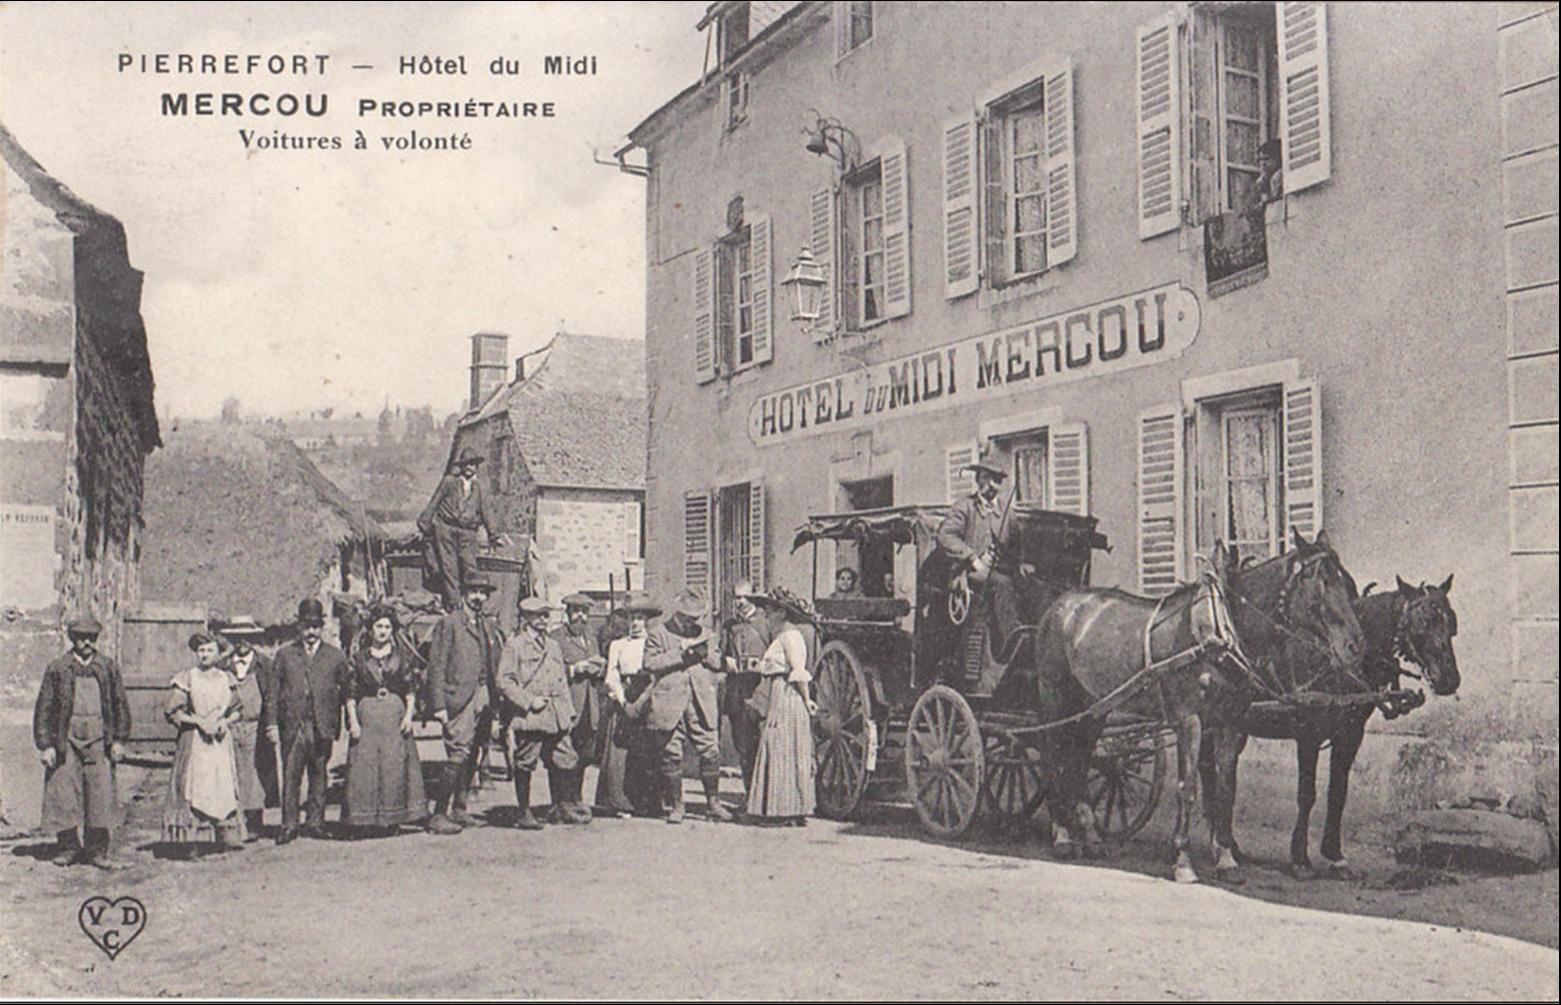 C'était hier à Pierrefort (Cantal)